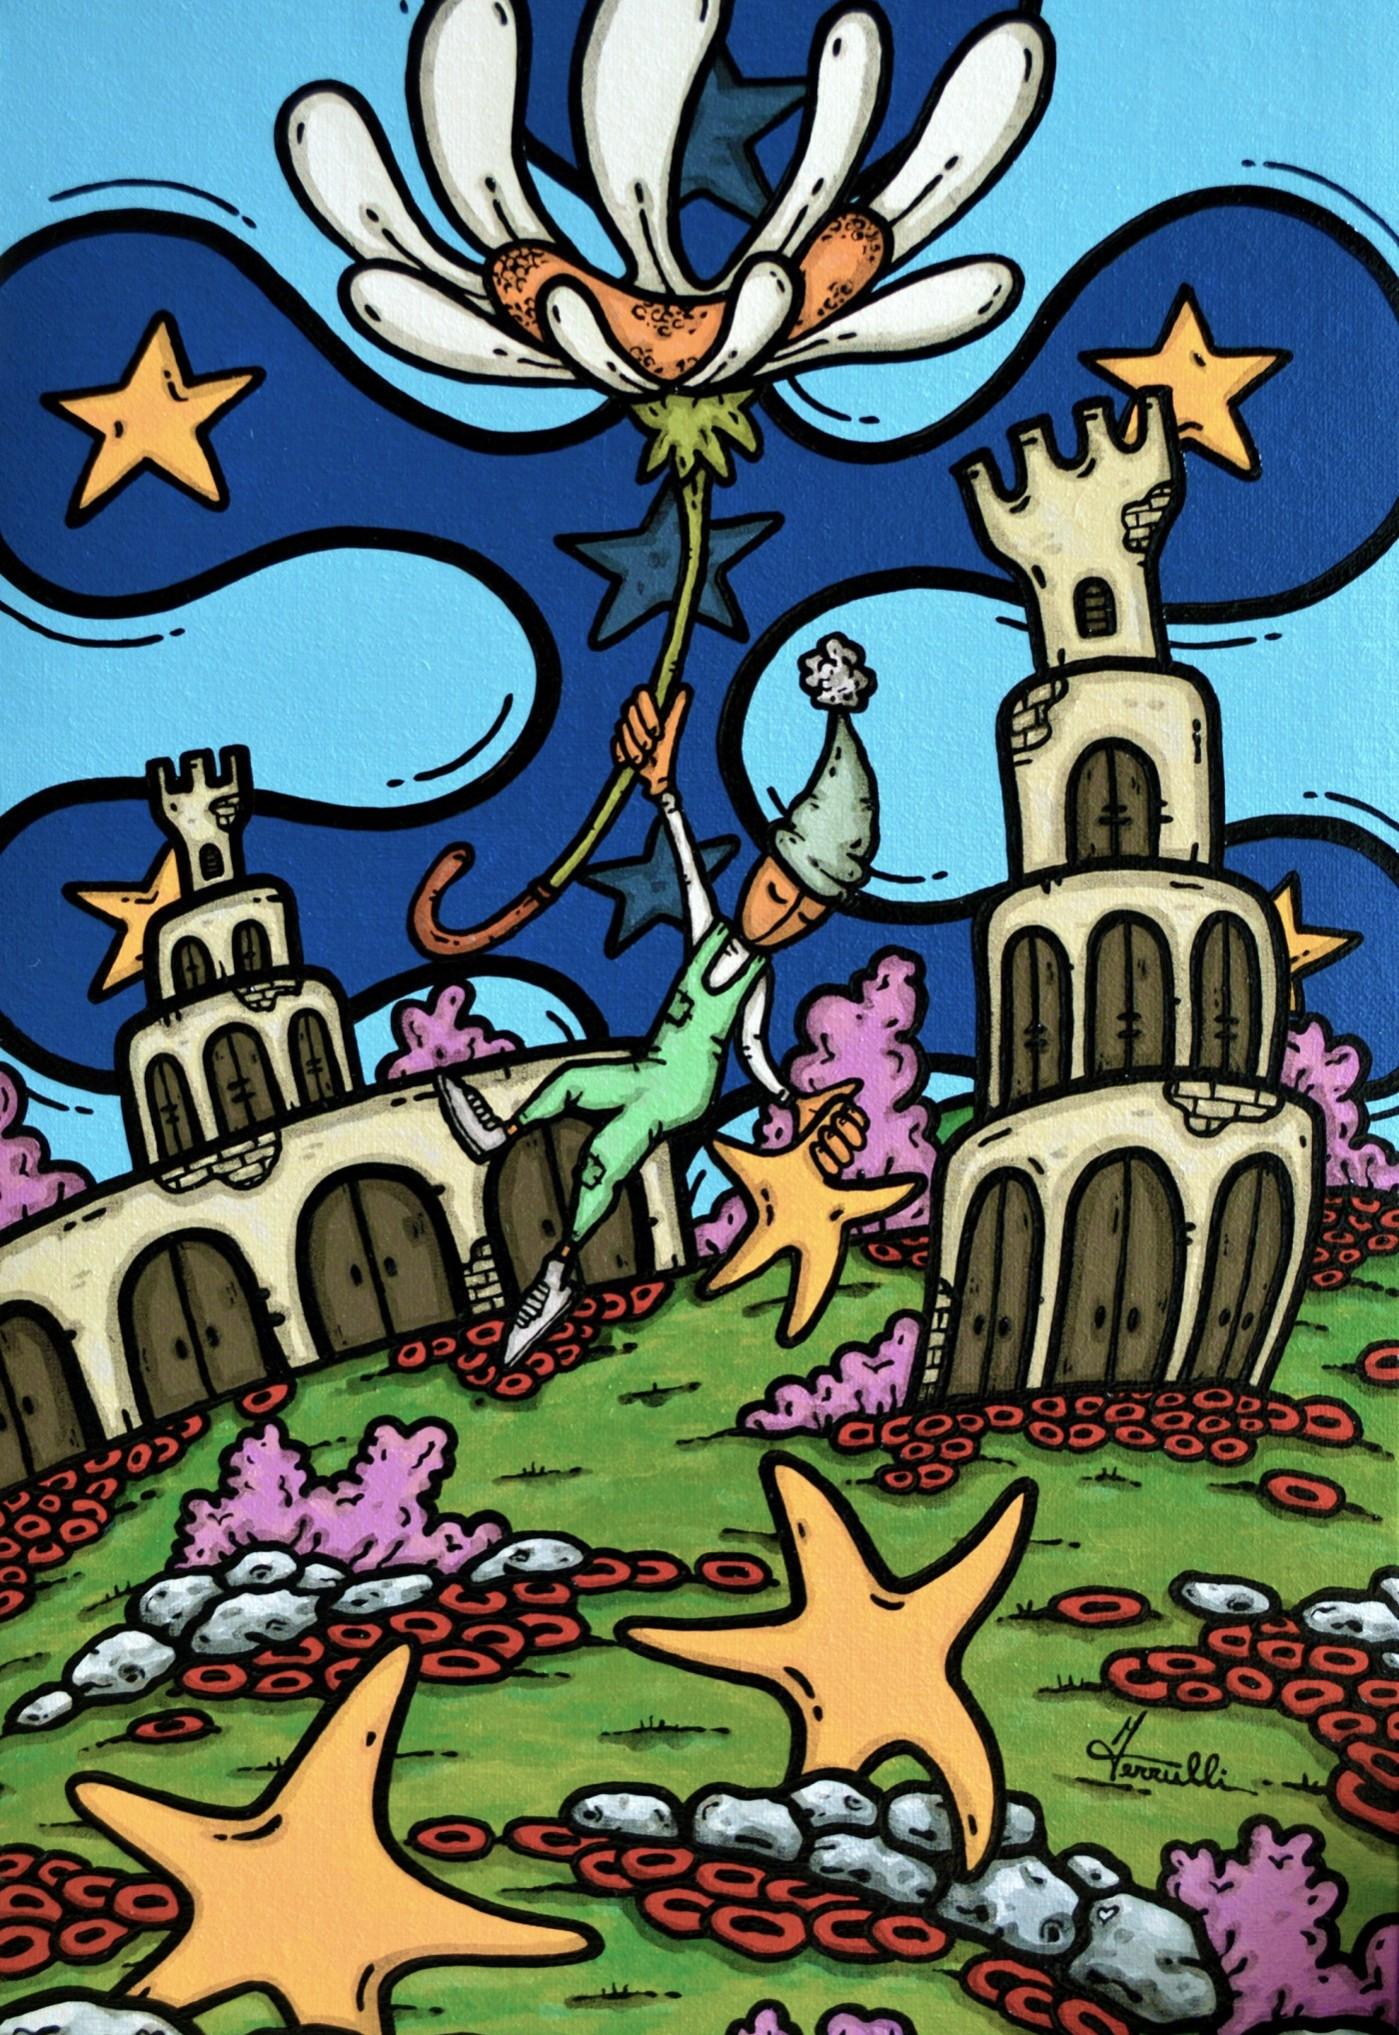 opera d'arte, contornismo metafisico, francesco ferrulli, pittore pugliese, artista italiano, arte contemporanea, dipinto, olio su tela, acrilico su tela, paesaggi pugliesi, quadro colorato, oil on canvas, art, painter, stelle, i sogni son desideri, castelli, margherita, sognatori, notte